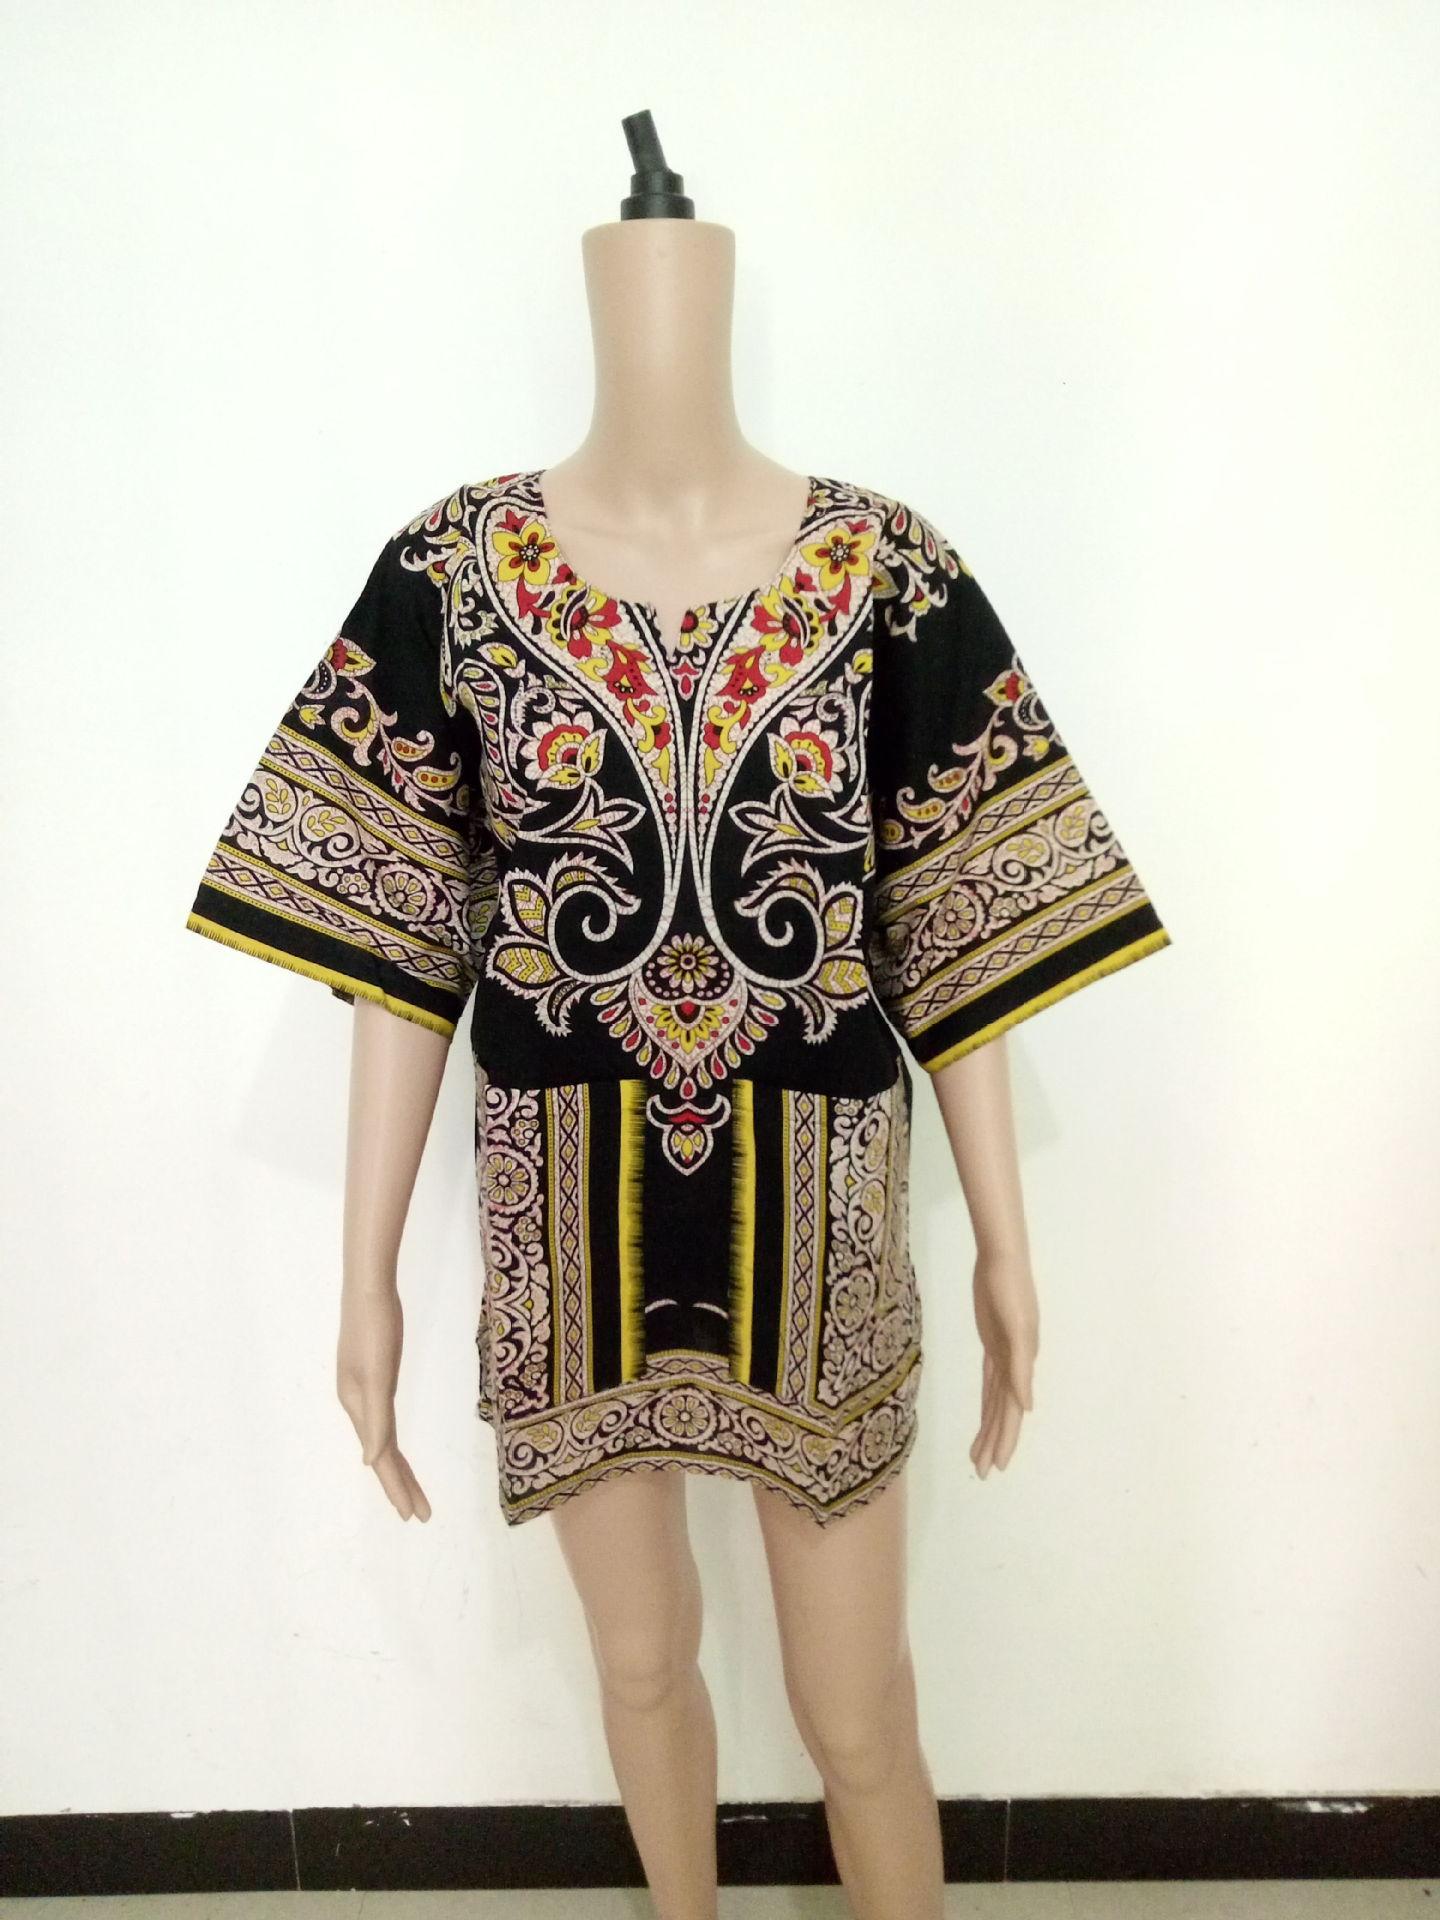 الملابس التقليدية الأفريقية للنساء أفريقيا السيدات اللباس بازان الثراء اللباس الأفريقي dashikis الفساتين النسائية zeny saty